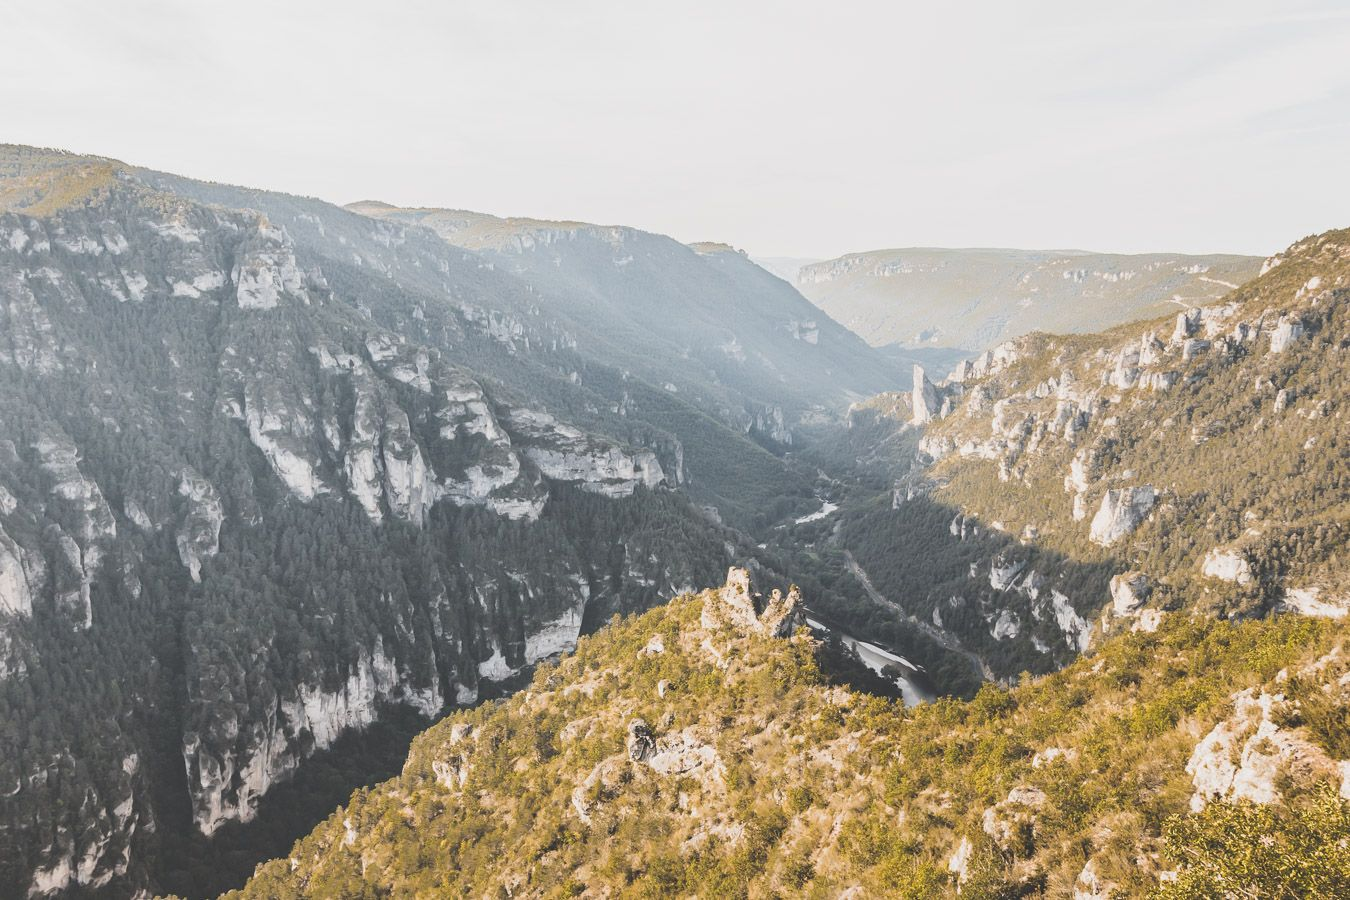 Le Tarn qui serpente au milieu des falaises